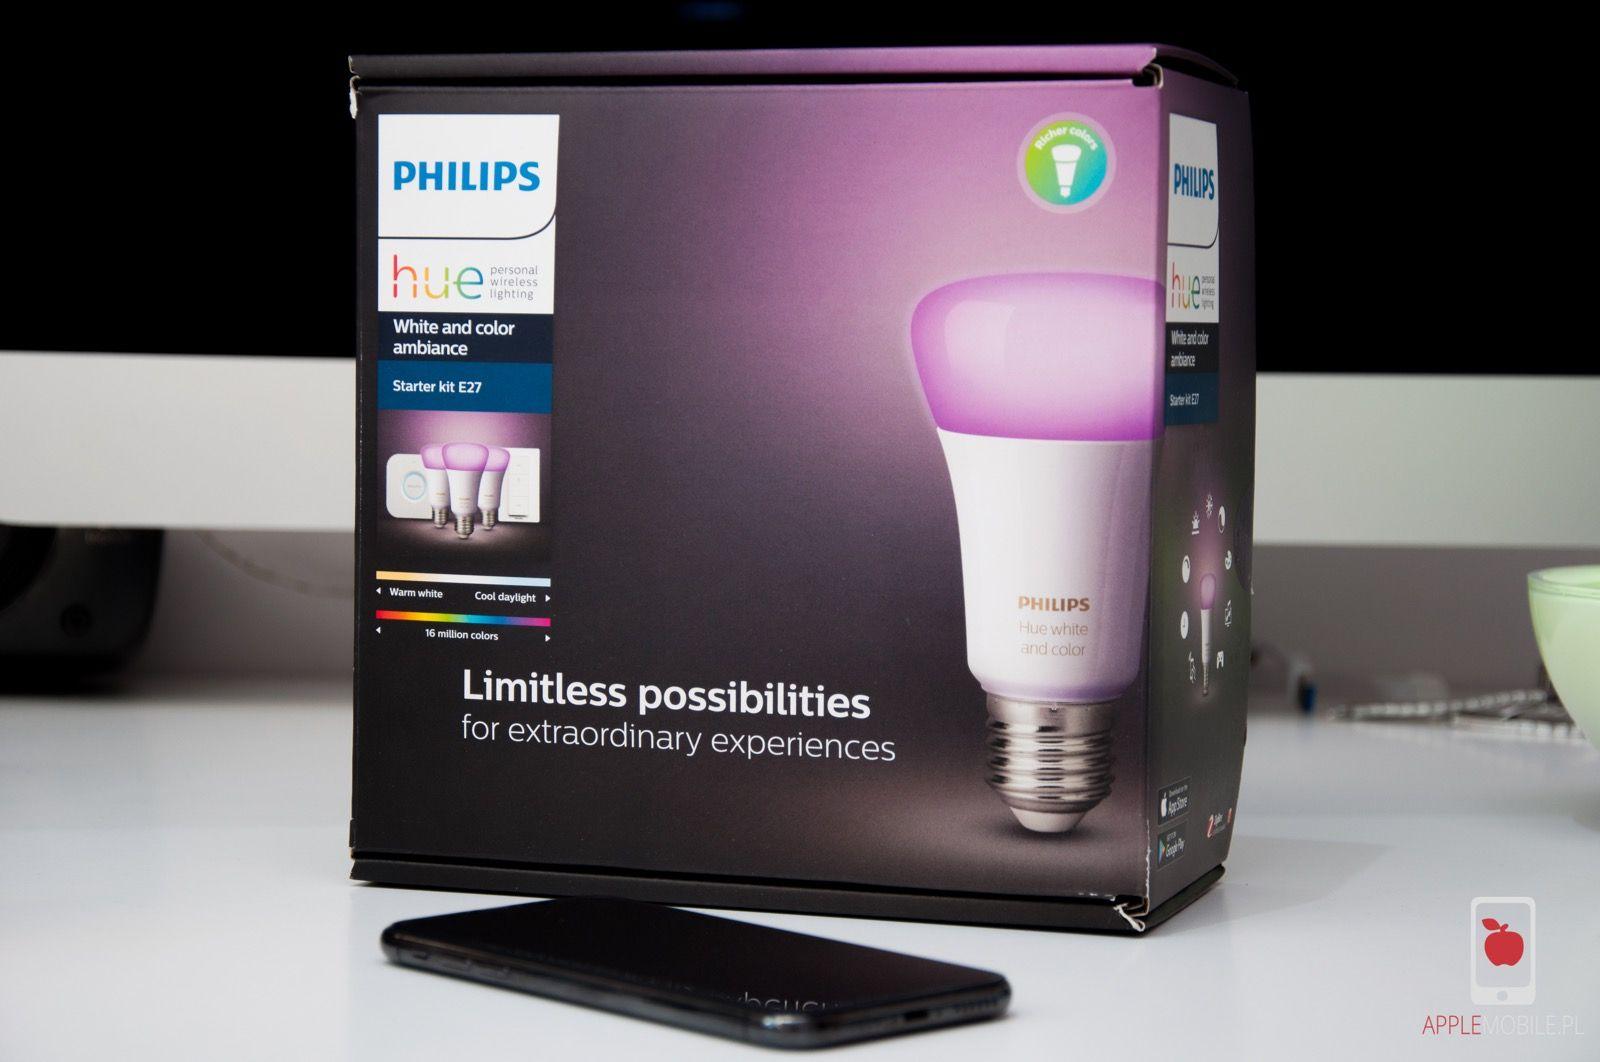 Recenzja oświetlenia Philips Hue Starter Kit E27 sterowanego z iPhone